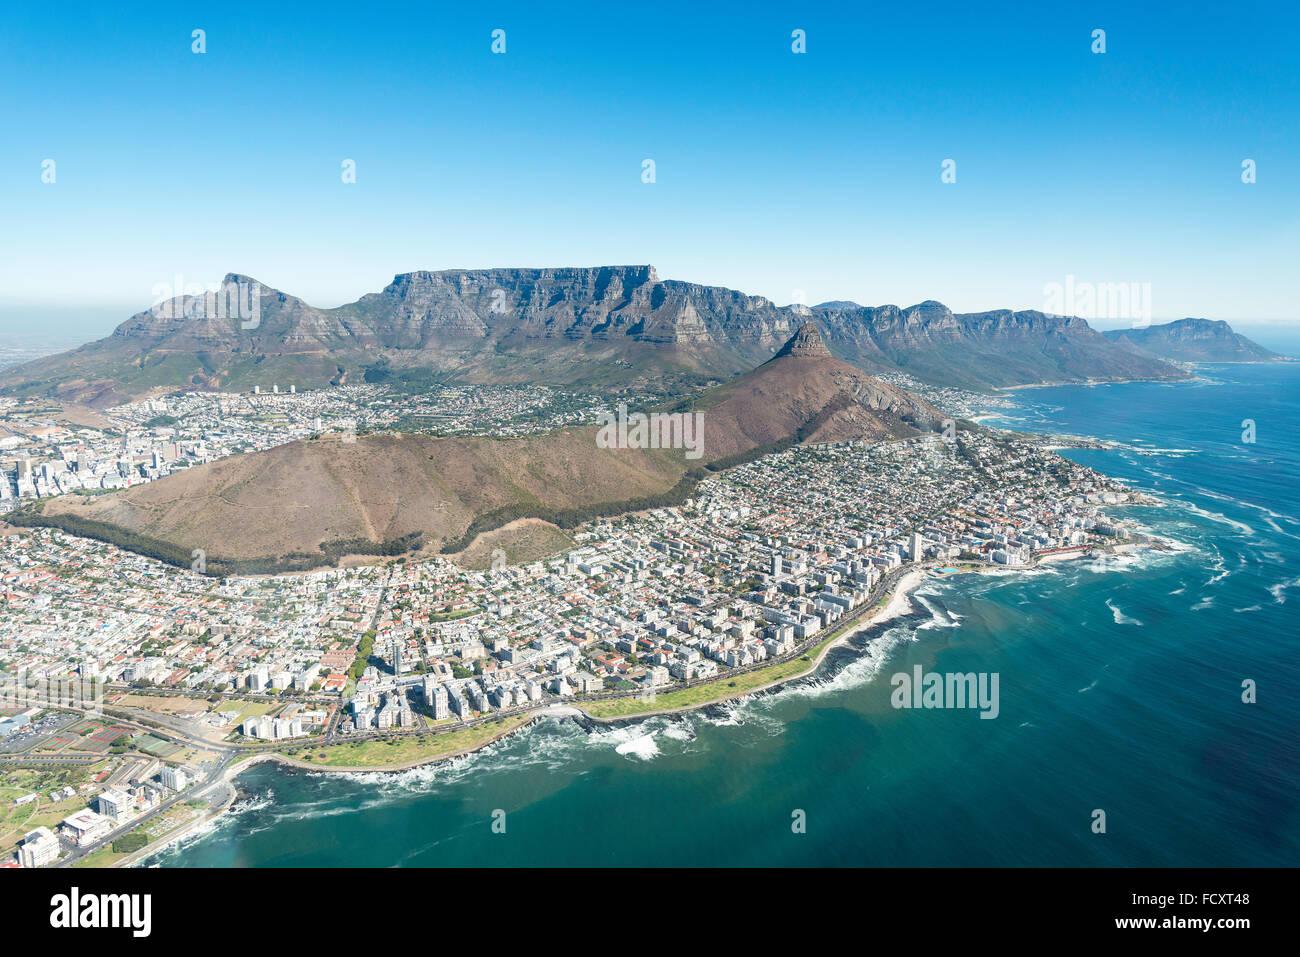 Vue aérienne de la ville et des plages, Cape Town, Western Cape Province, République d'Afrique du Sud Banque D'Images